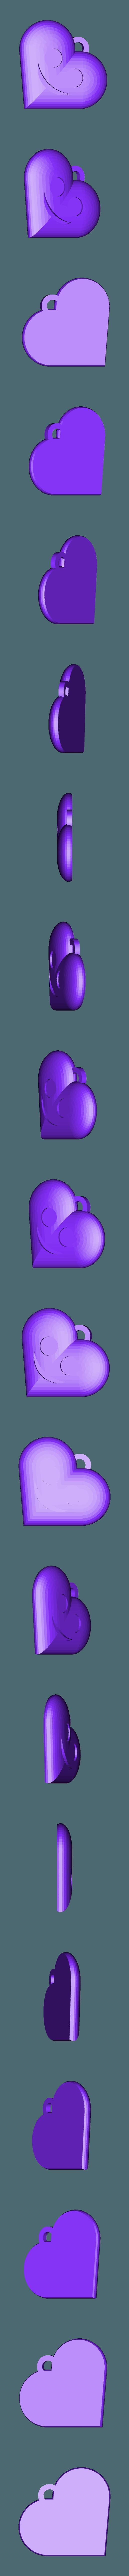 LLavero_Corazon.stl Download free STL file Smiling Heart Key chain • 3D printer template, dancingchicken